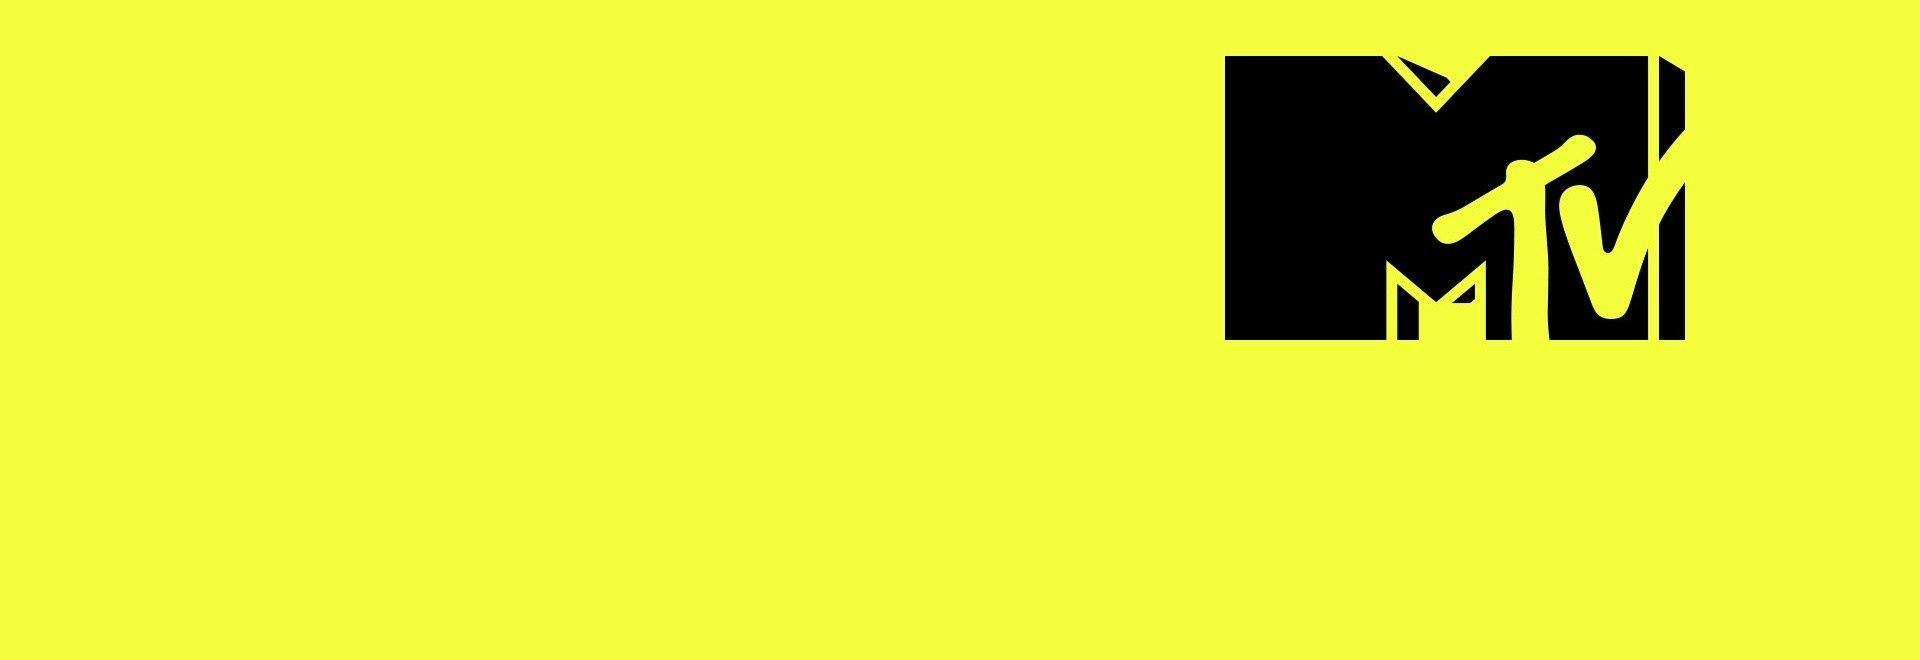 Yo! MTV Raps 2020